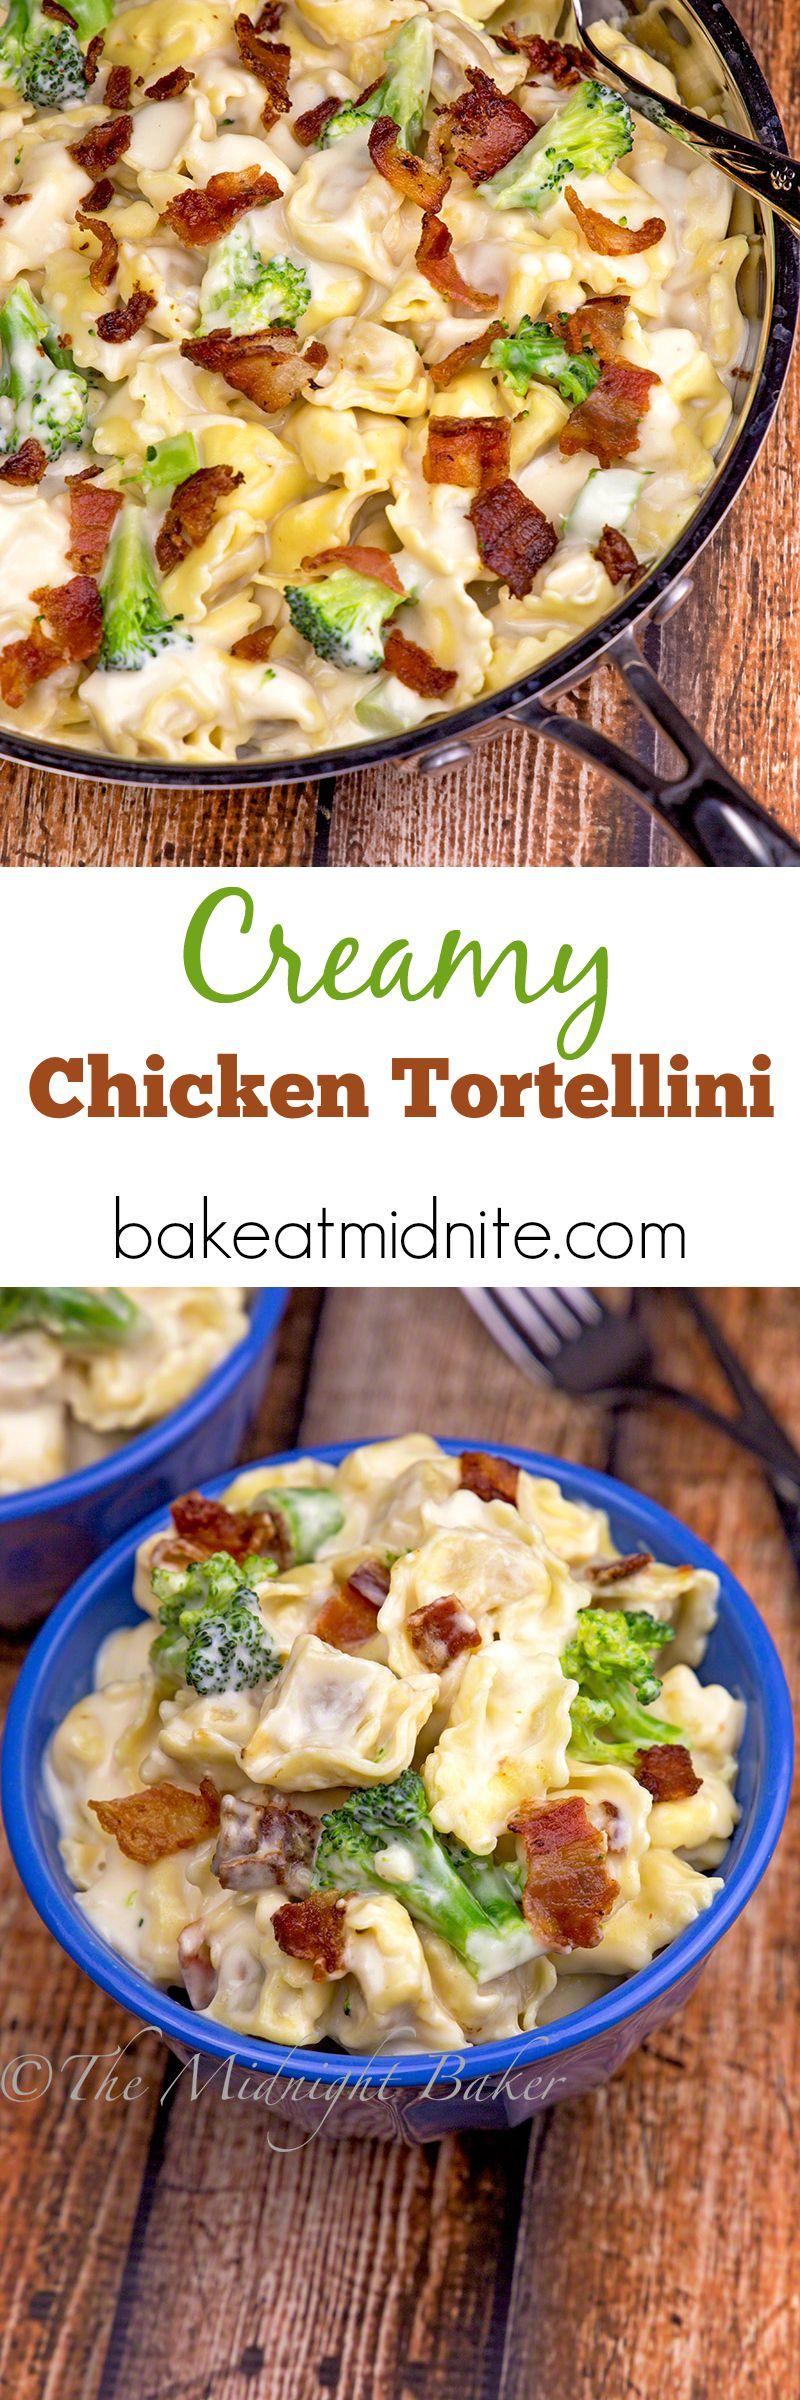 Creamy Chicken Tortellini